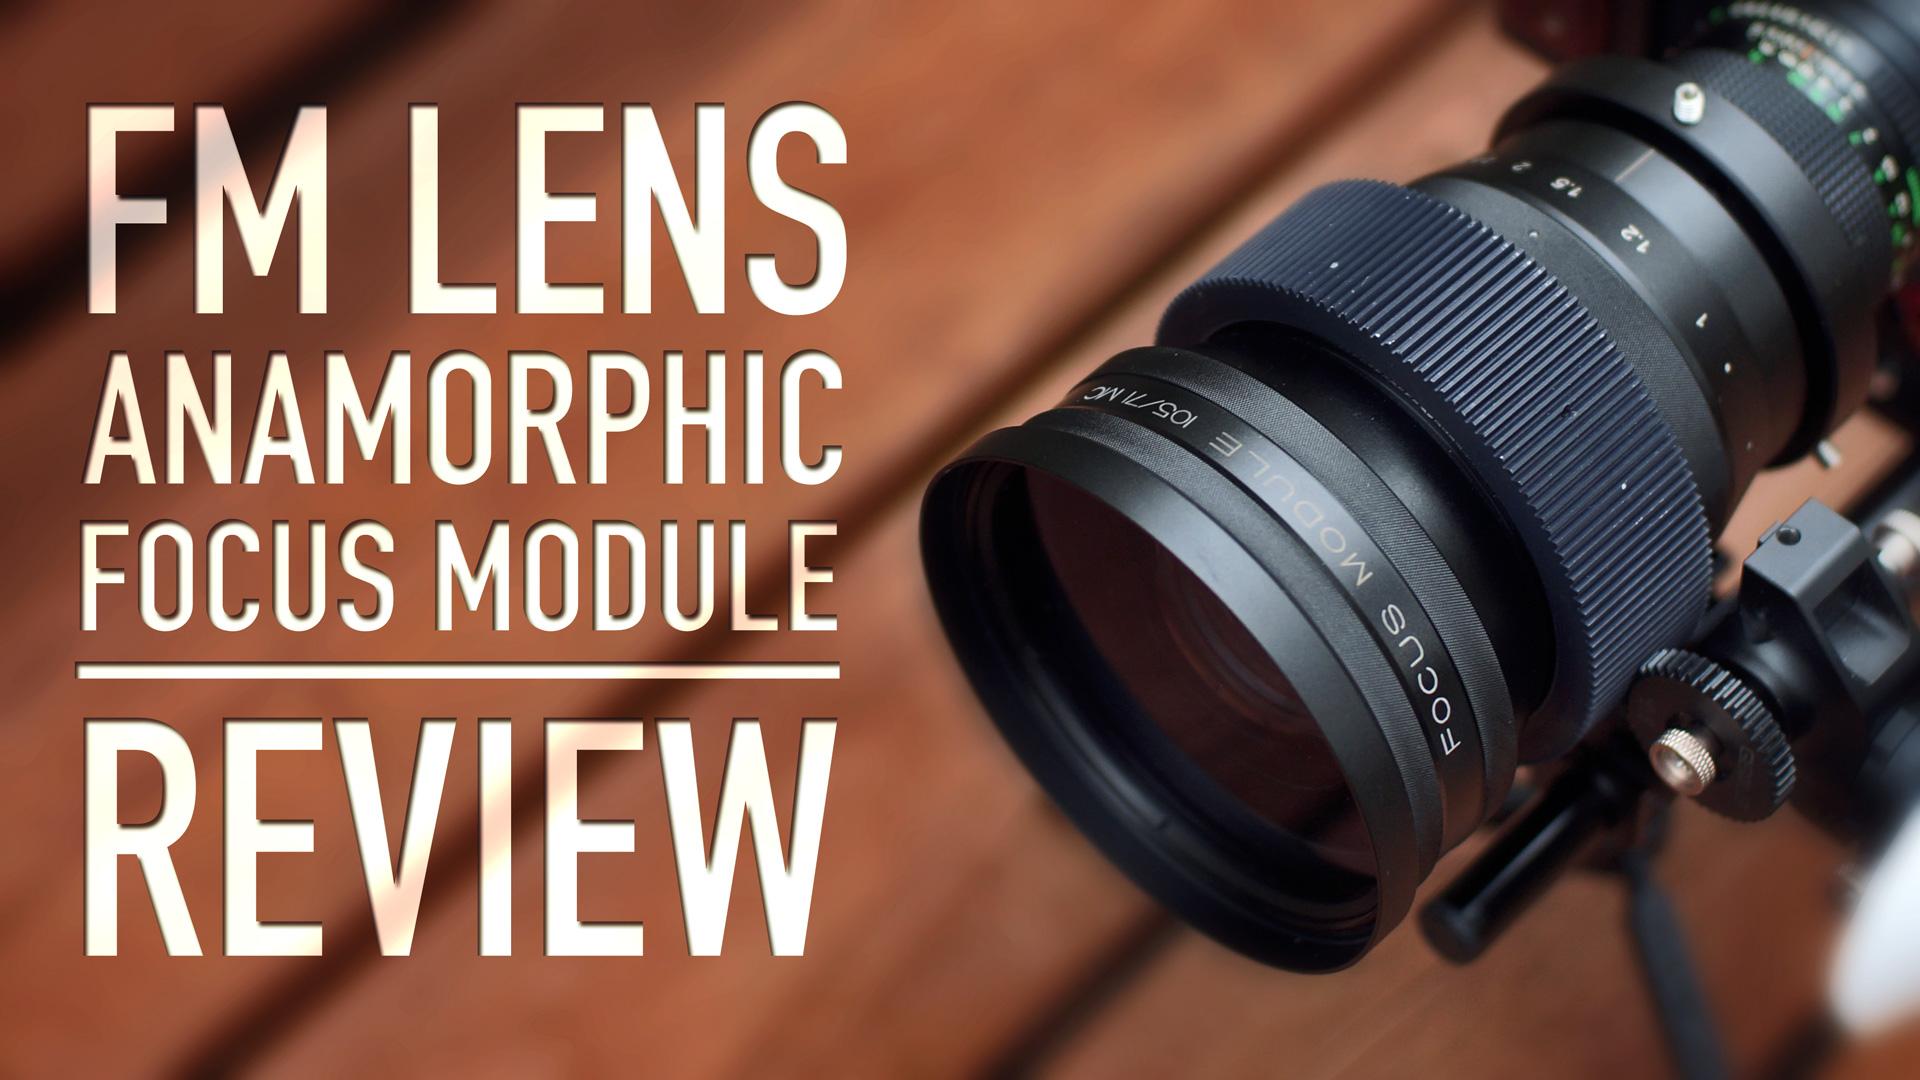 FM LENS | Anamorphic Focus Module | REVIEW